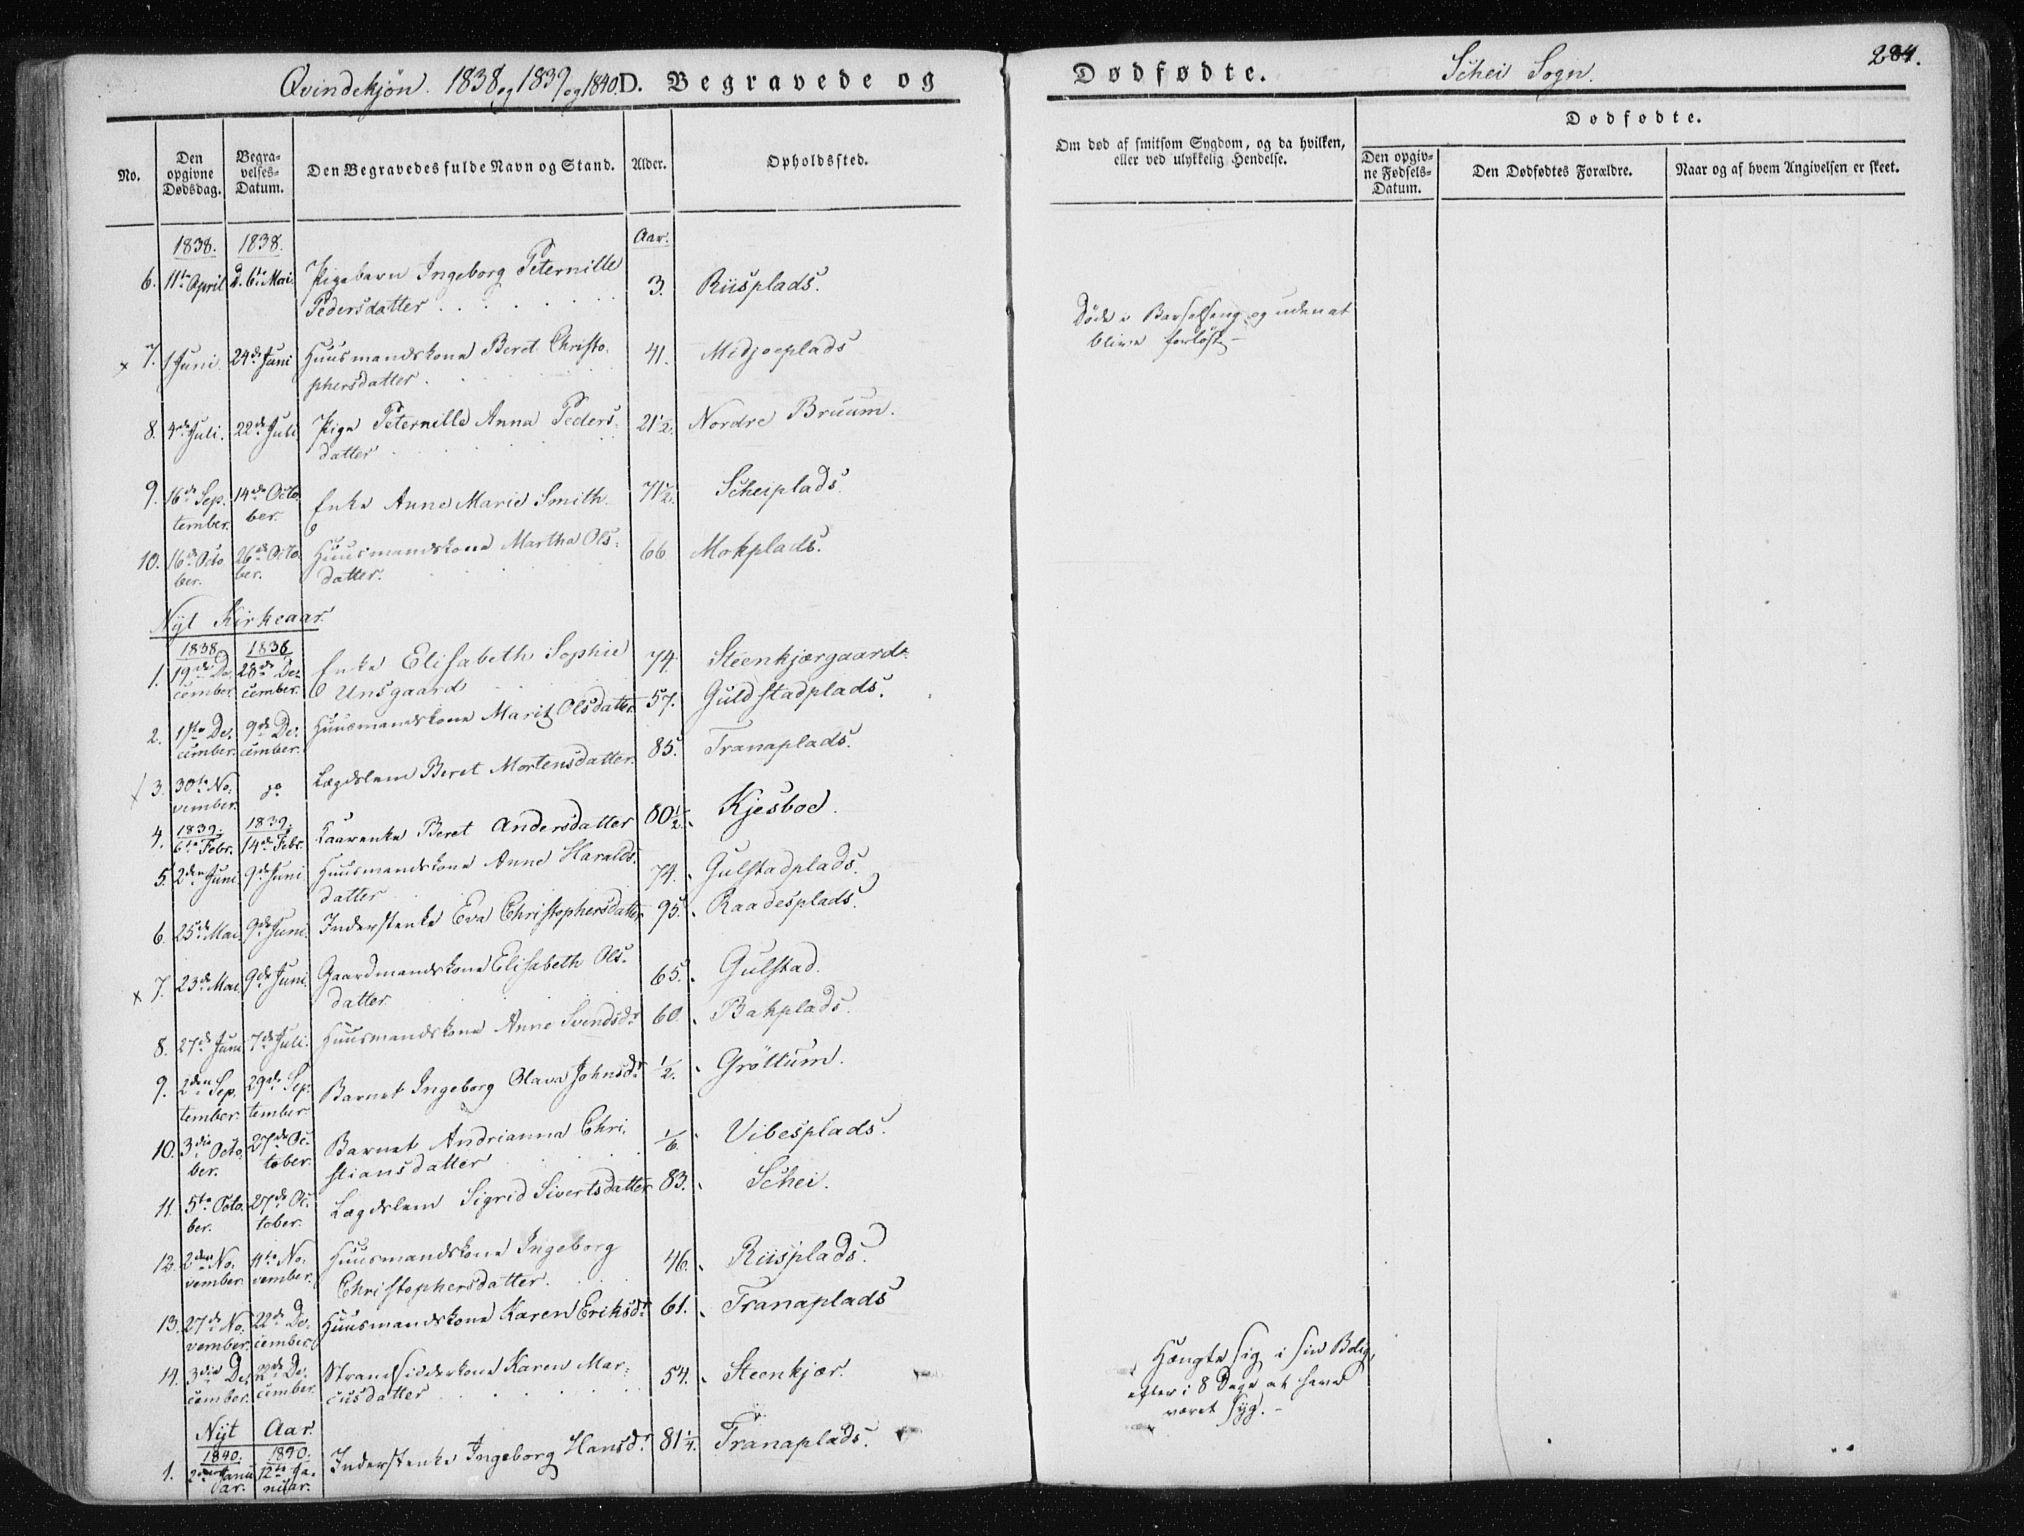 SAT, Ministerialprotokoller, klokkerbøker og fødselsregistre - Nord-Trøndelag, 735/L0339: Ministerialbok nr. 735A06 /2, 1836-1848, s. 284